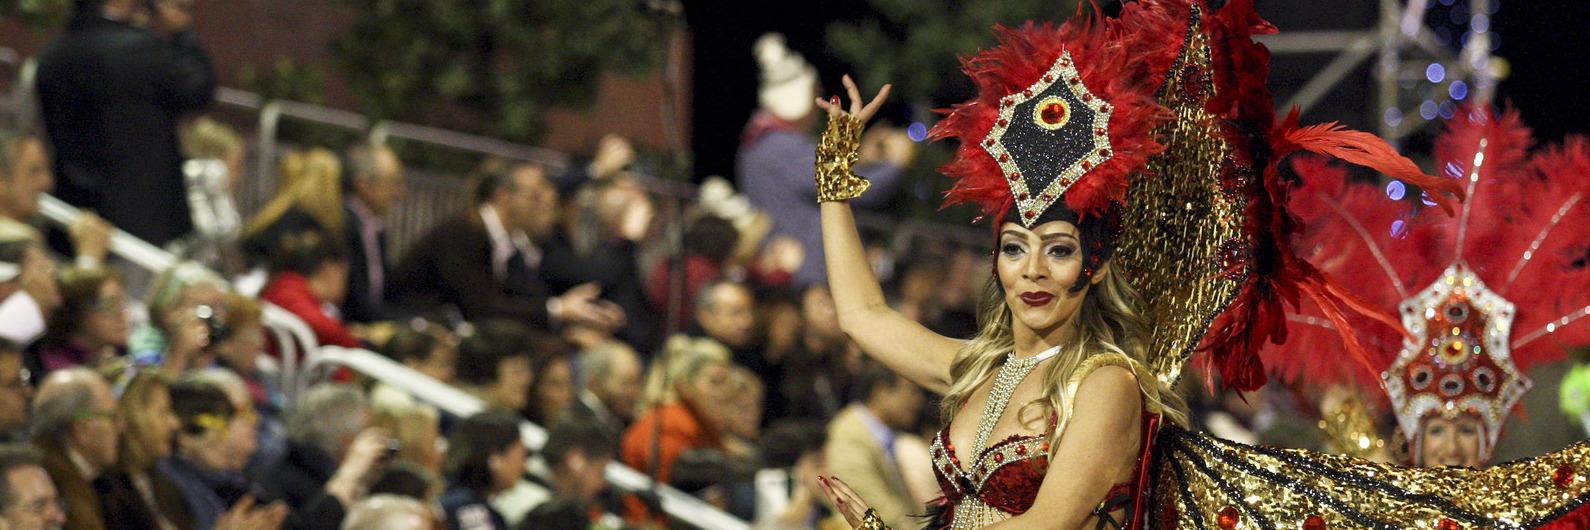 Carnaval: Onde estão os maiores foliões de Portugal?